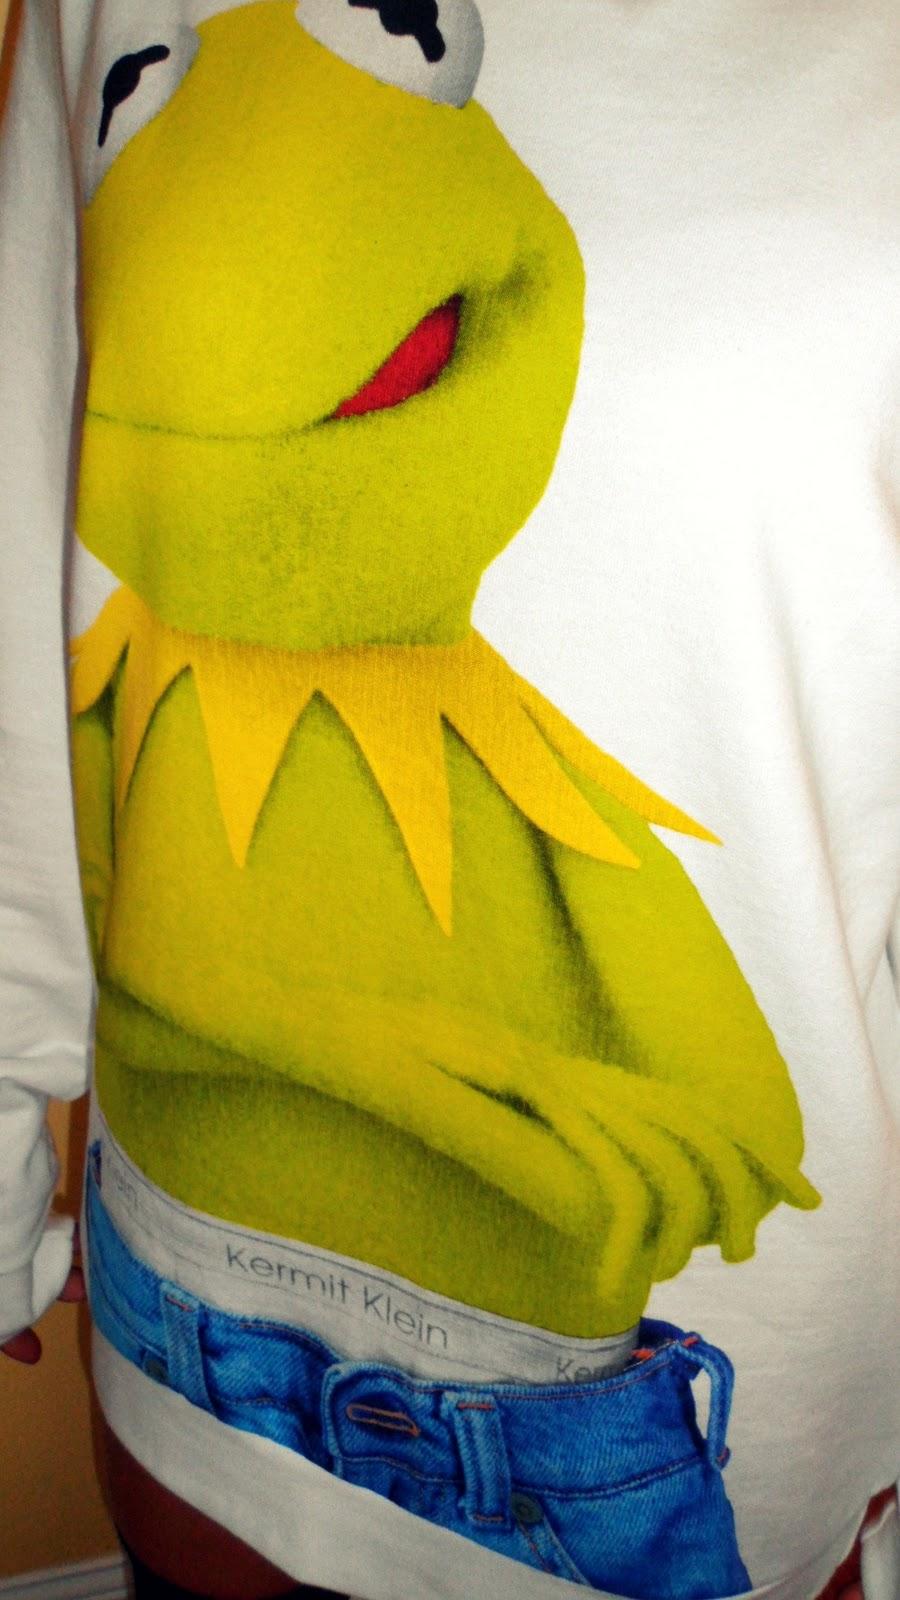 Haha Tom's Kermit Sweatshirt